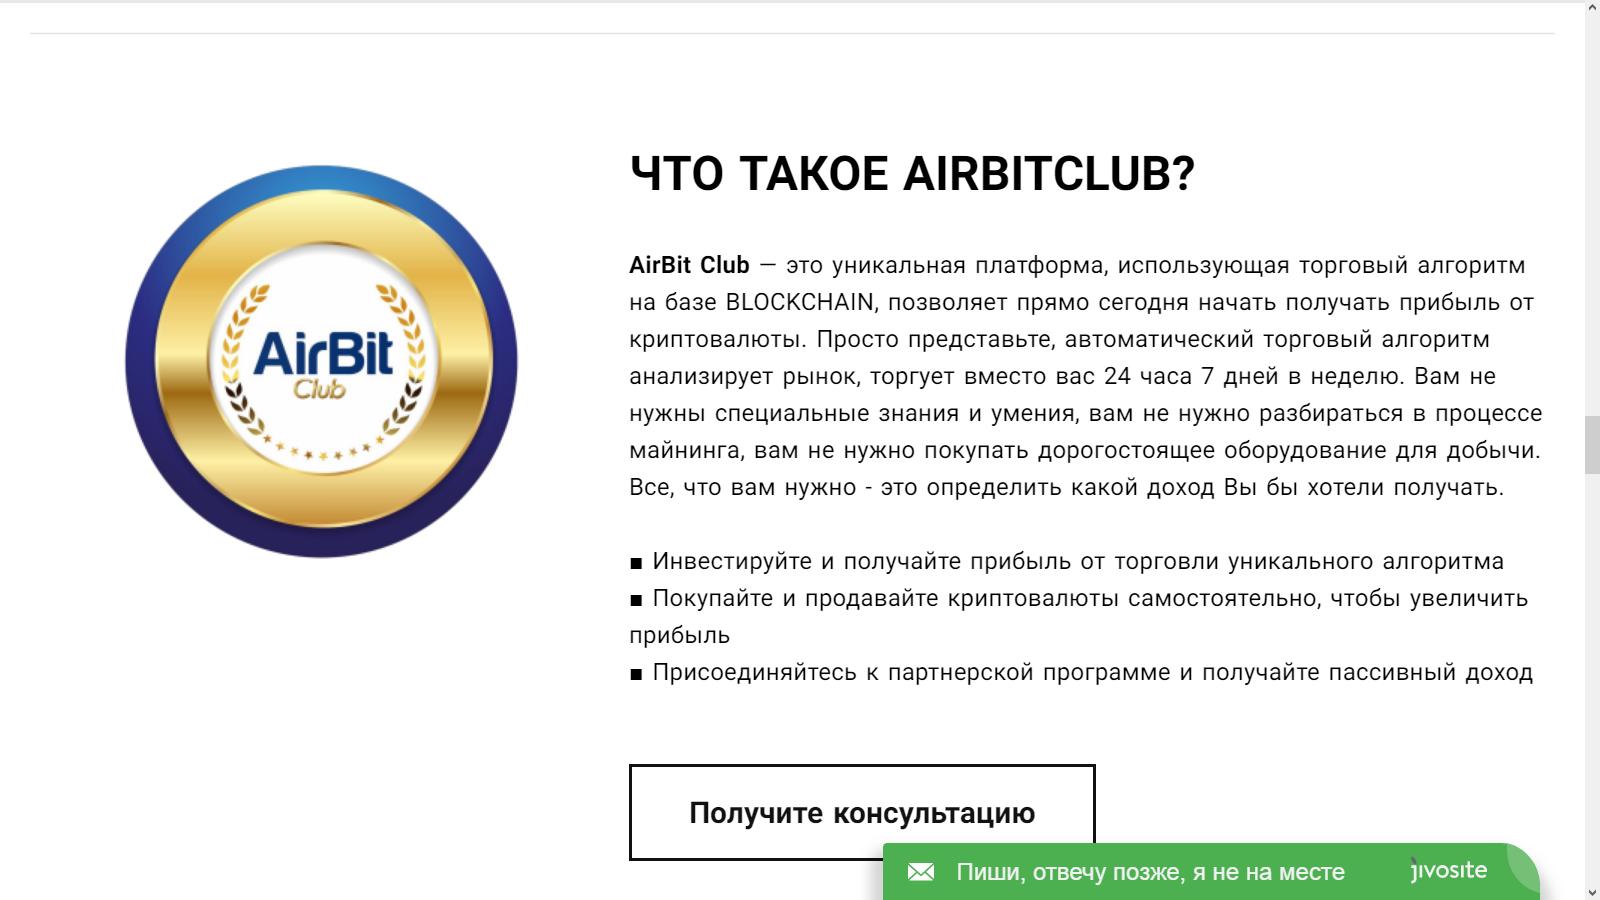 Что такое Airbitclub